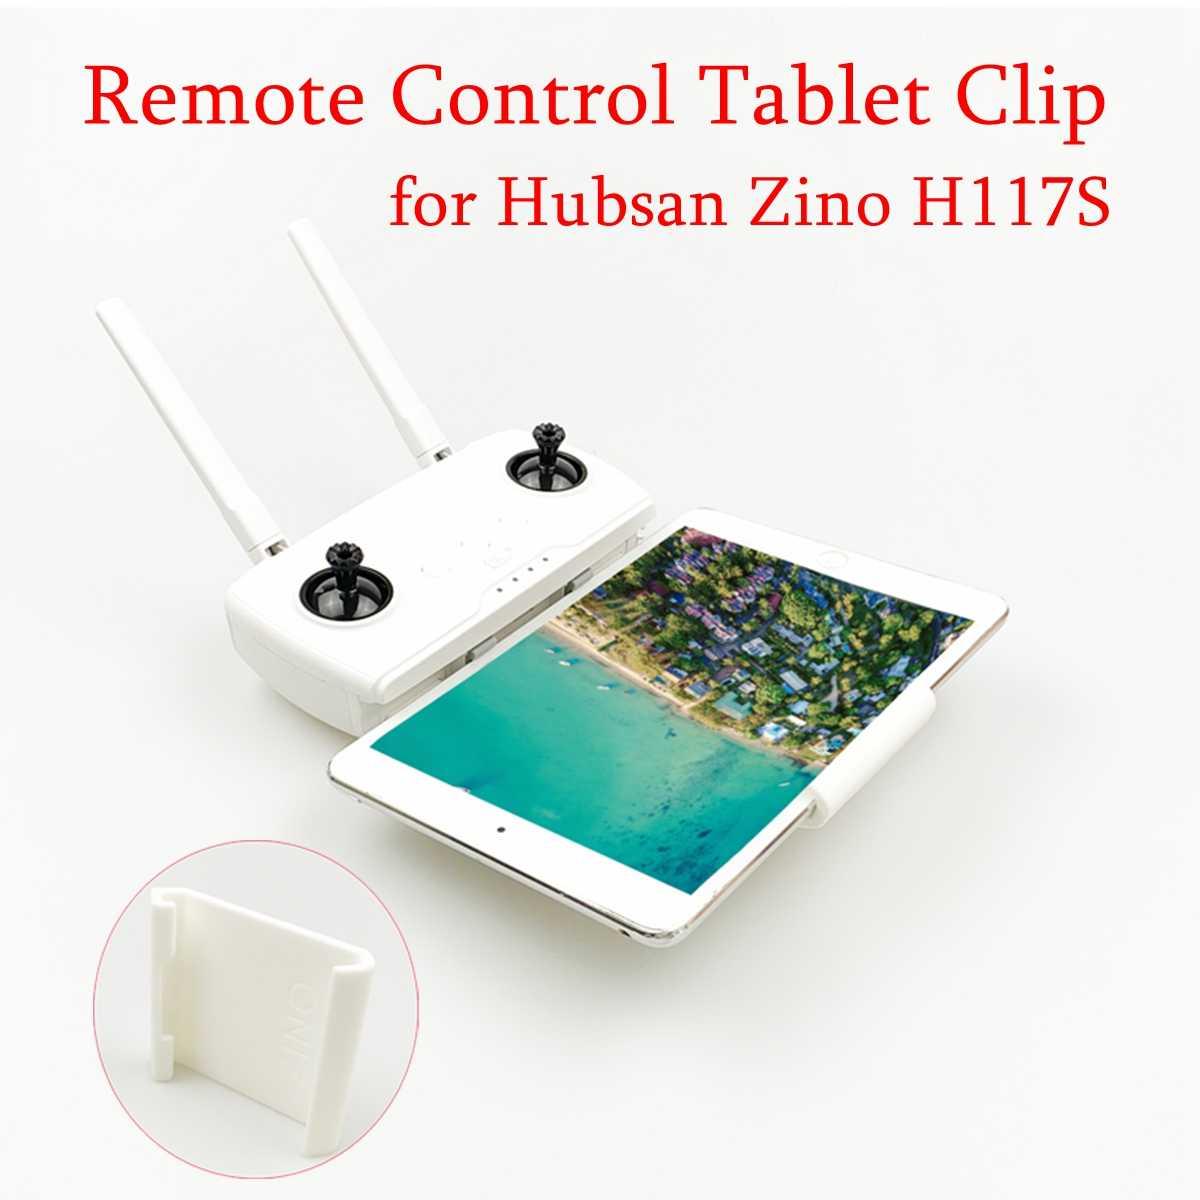 Hubsan Remote Control Ponsel Tablet Layar Besar Monitor Ekstensi Dudukan Penahan Braket Klip Berdiri untuk Hubsan Zino H117S Drone